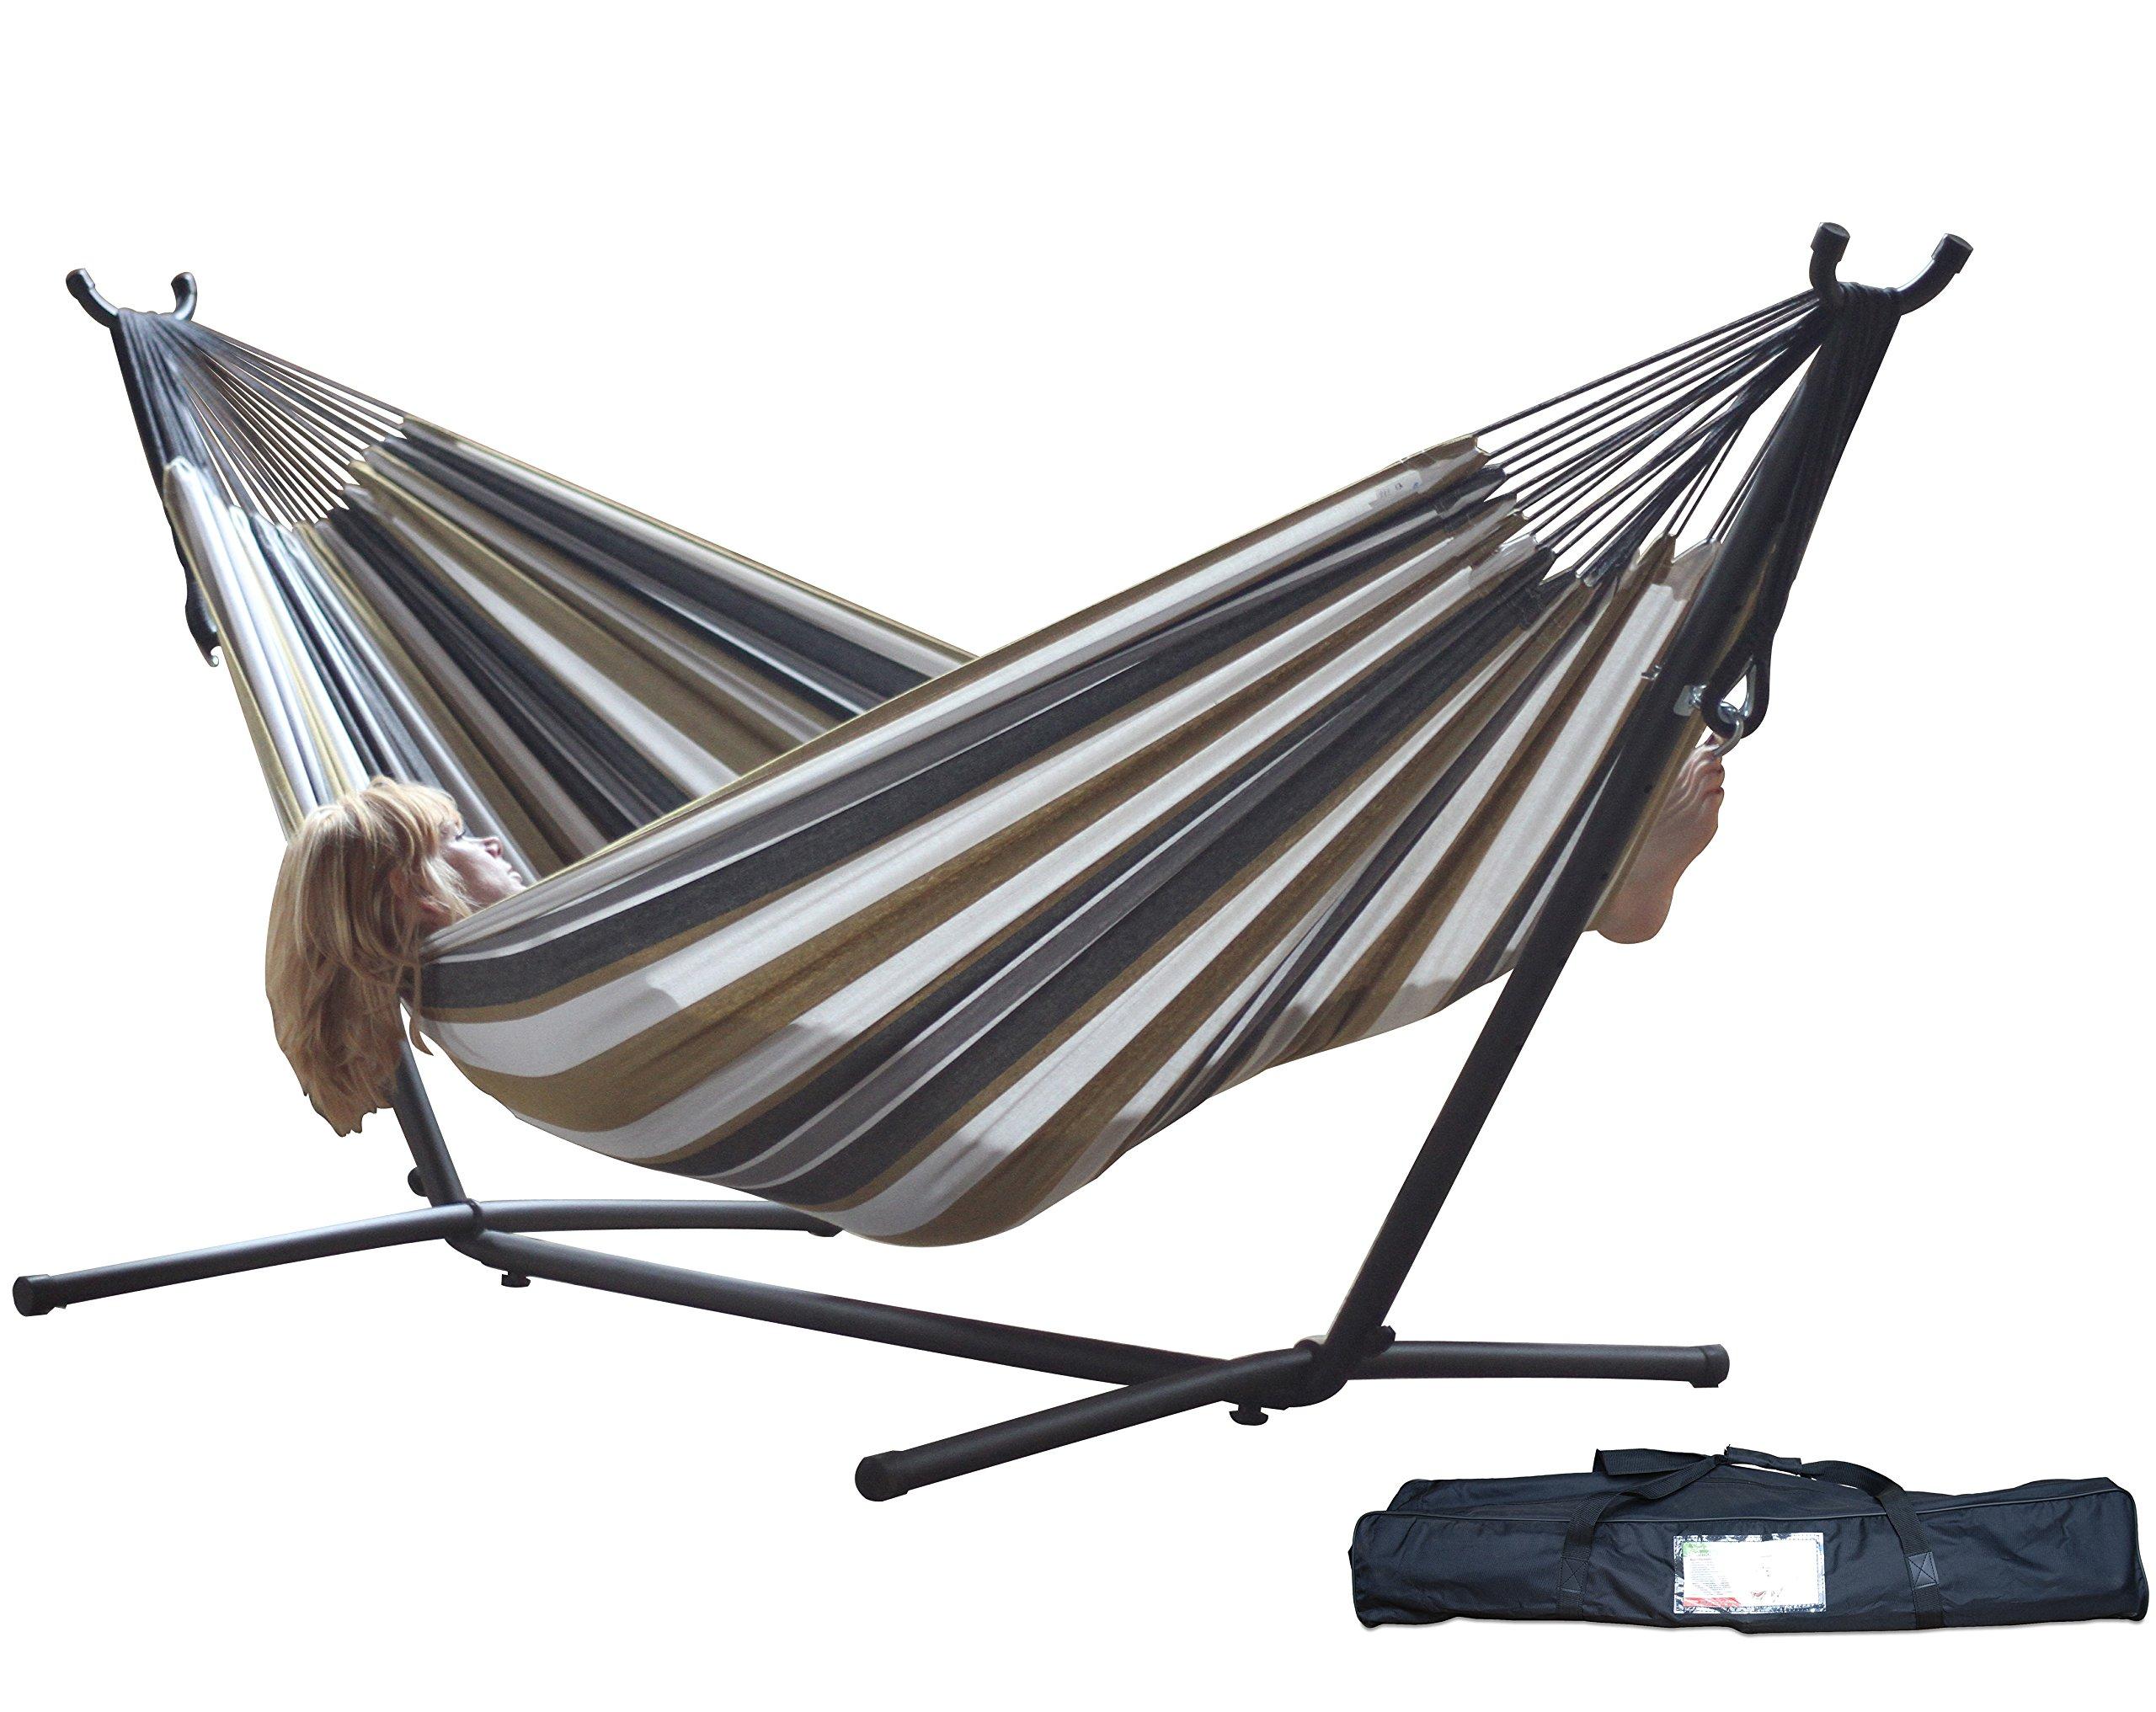 ip en walmart tropics style canada hammocks vivere hammock double brazilian